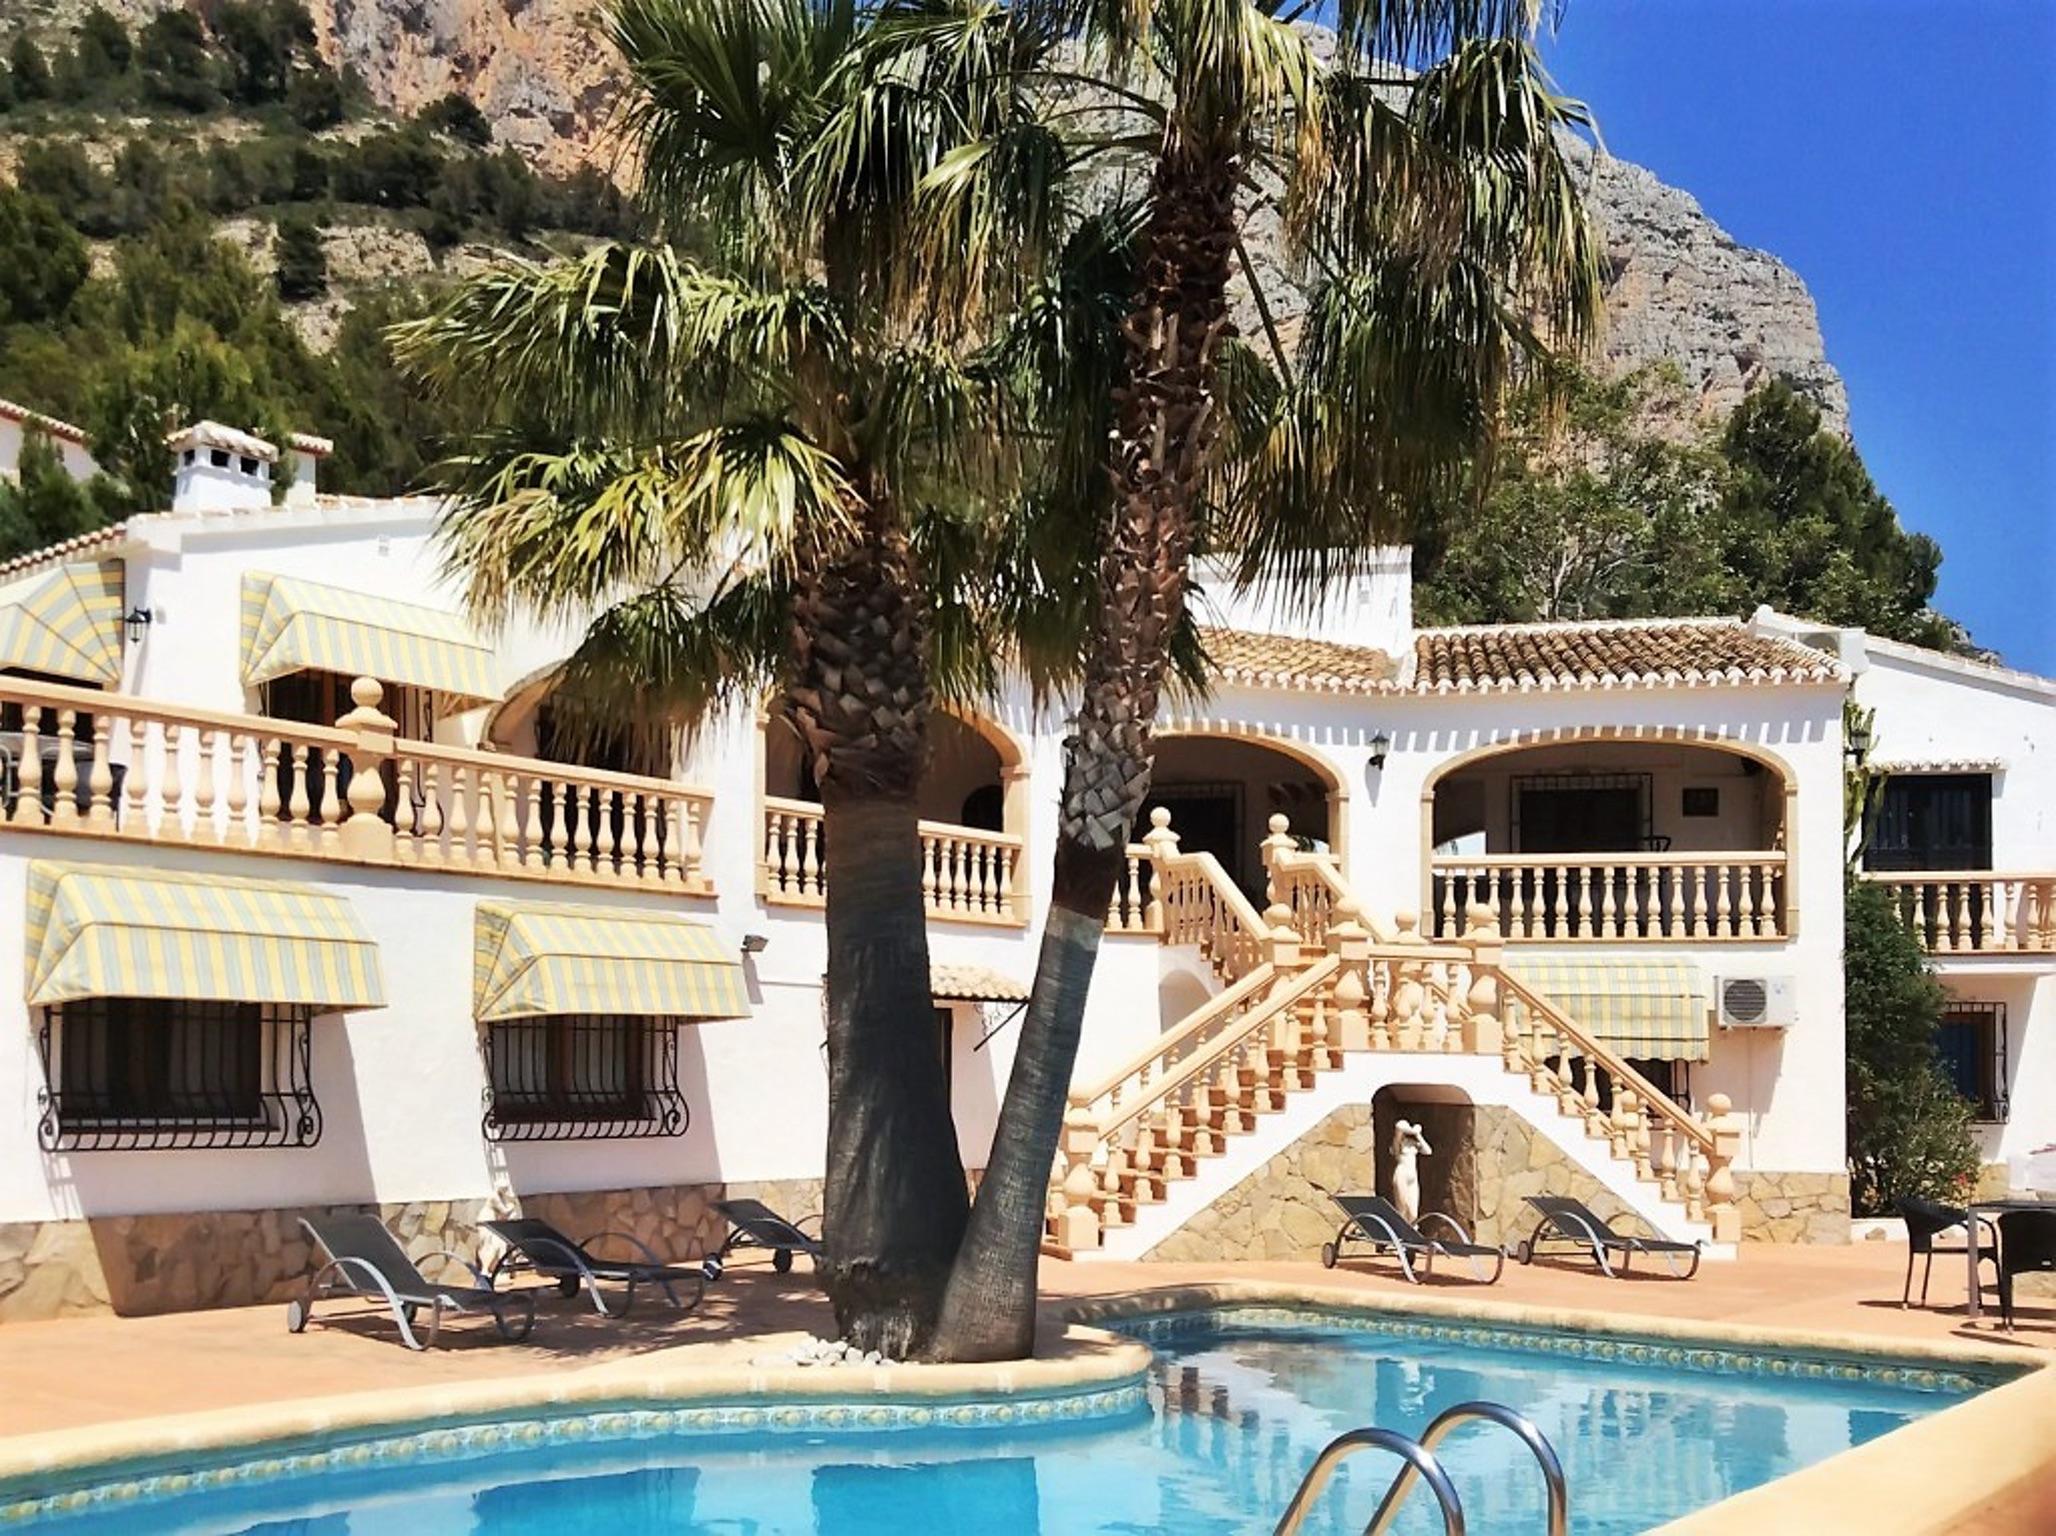 Ferienhaus Geräumige Villa mit fünf Schlafzimmer in Javea mit möblierter Terrasse, Pool und toller Au (2201168), Jávea, Costa Blanca, Valencia, Spanien, Bild 1